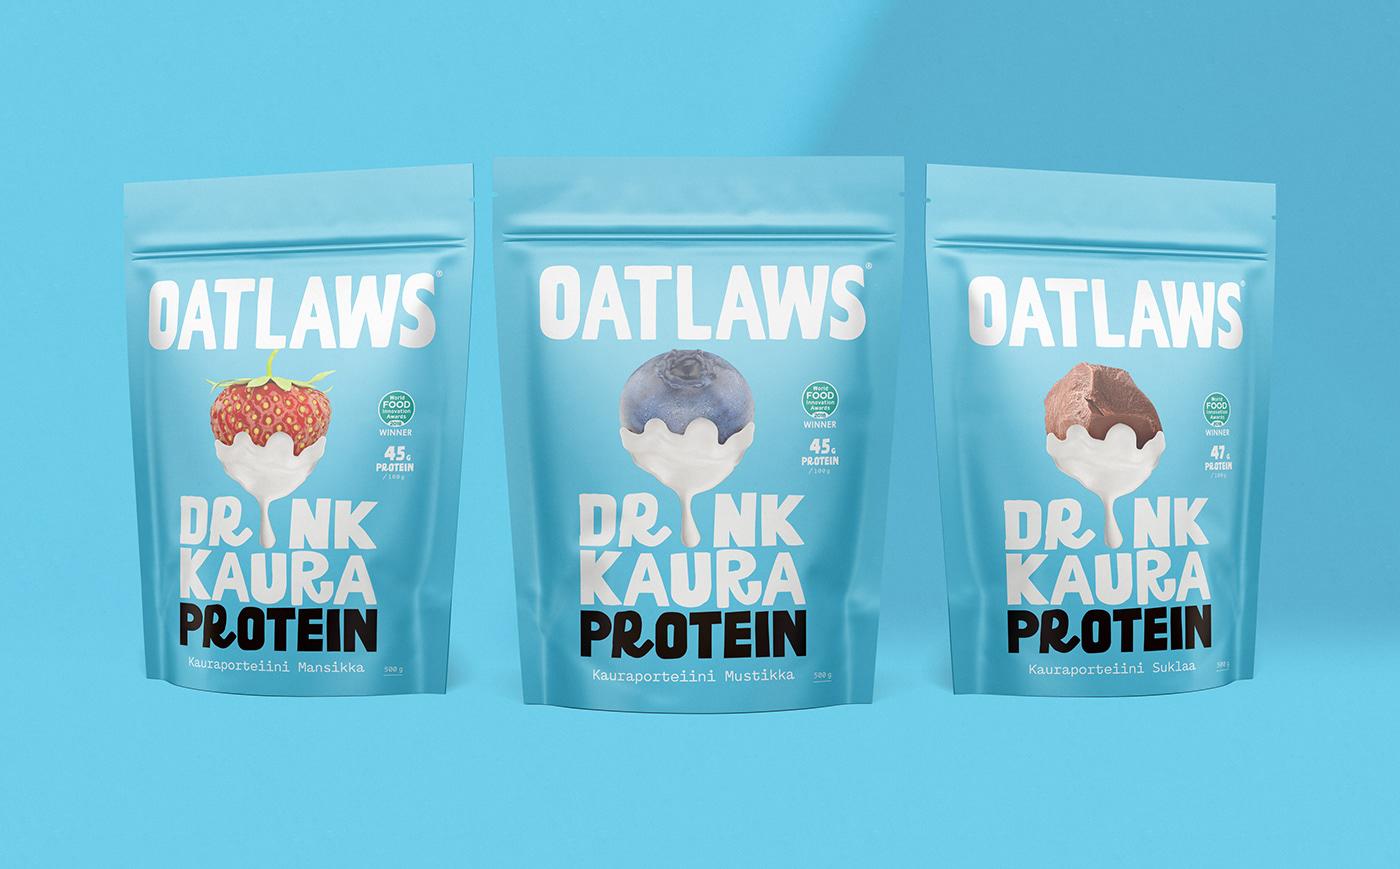 Oatprotein - Oatlaws